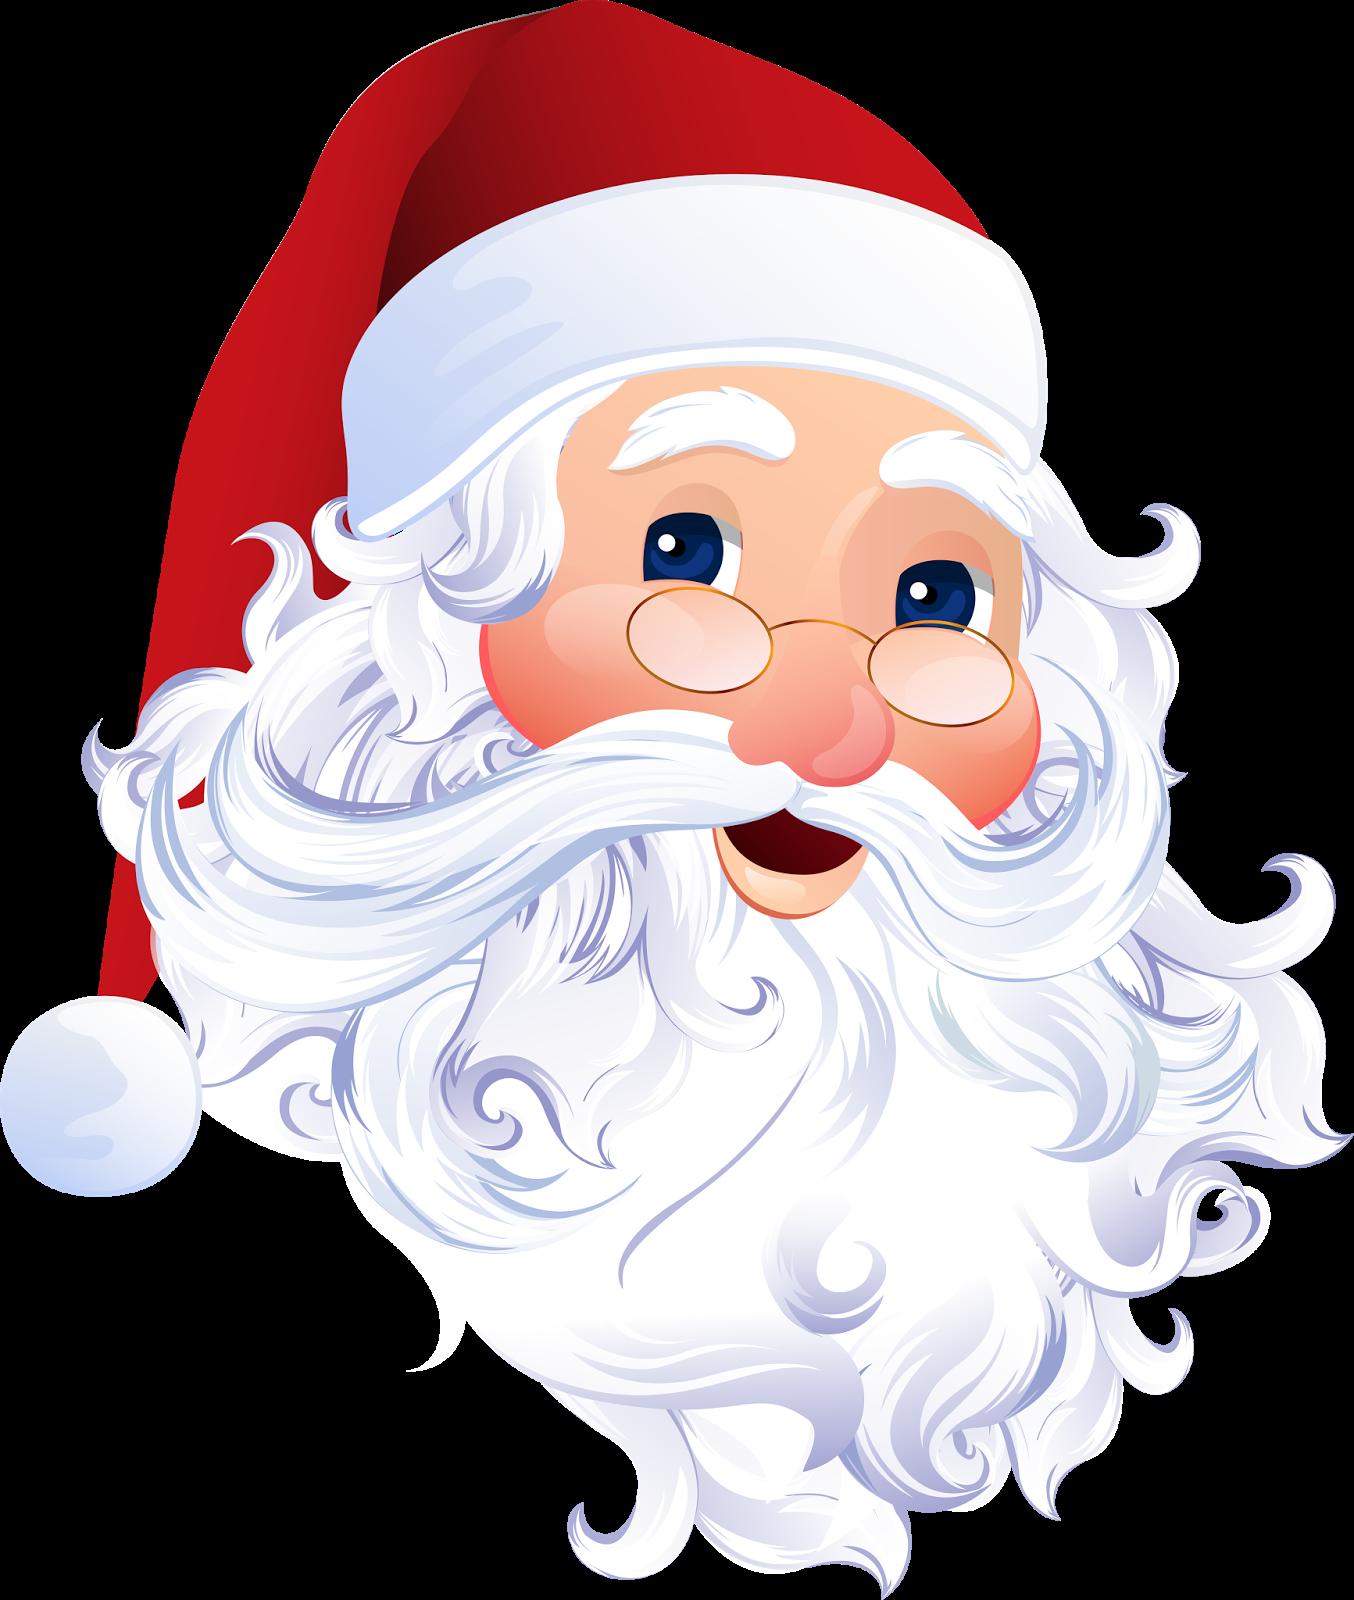 Marcos Gratis Para Fotos Scrap Santa Claus Saint Nicholas Father Christmas Para Diseno Dibujo De Navidad Dibujos De Navidad Para Imprimir Arte De Navidad